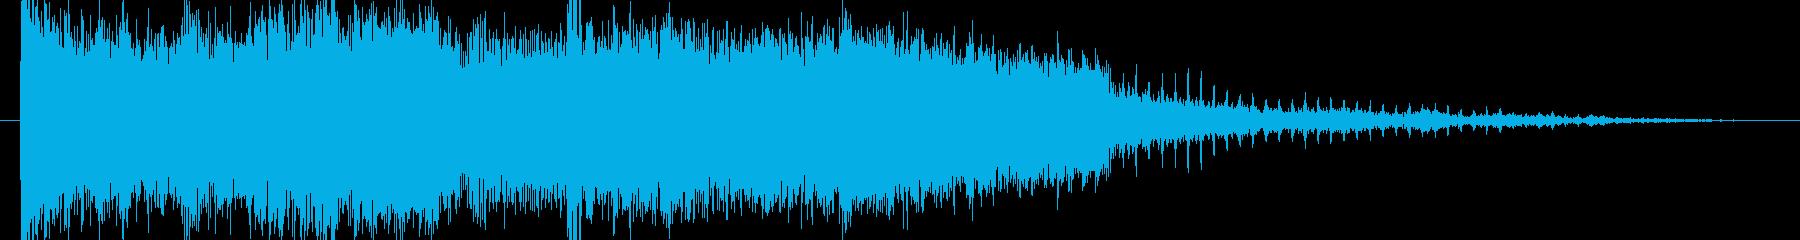 デジタル&金属的なスピンのロゴの再生済みの波形